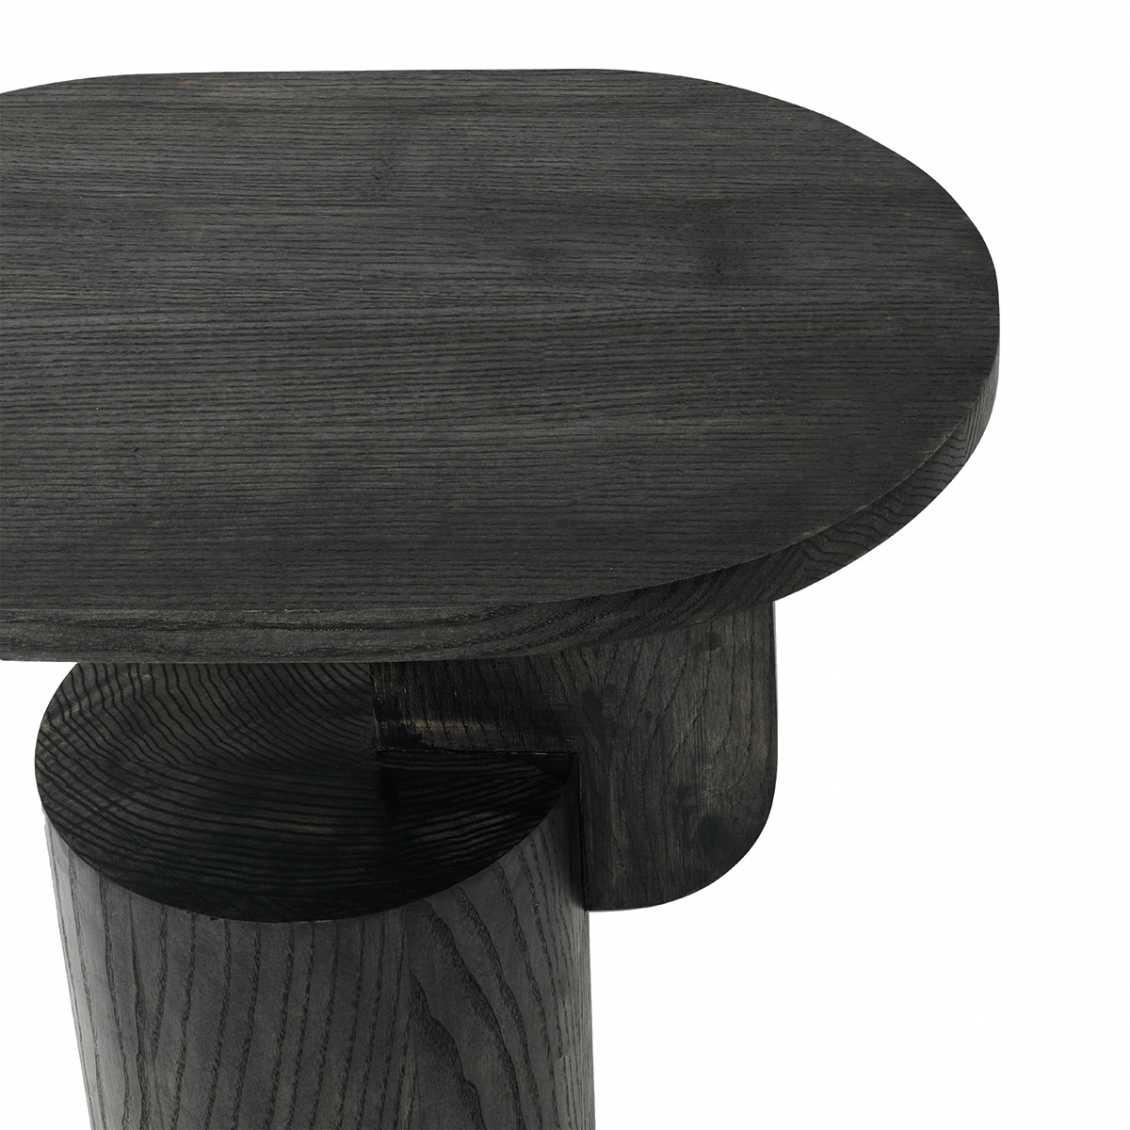 Ferm Living Insert Side Table Black